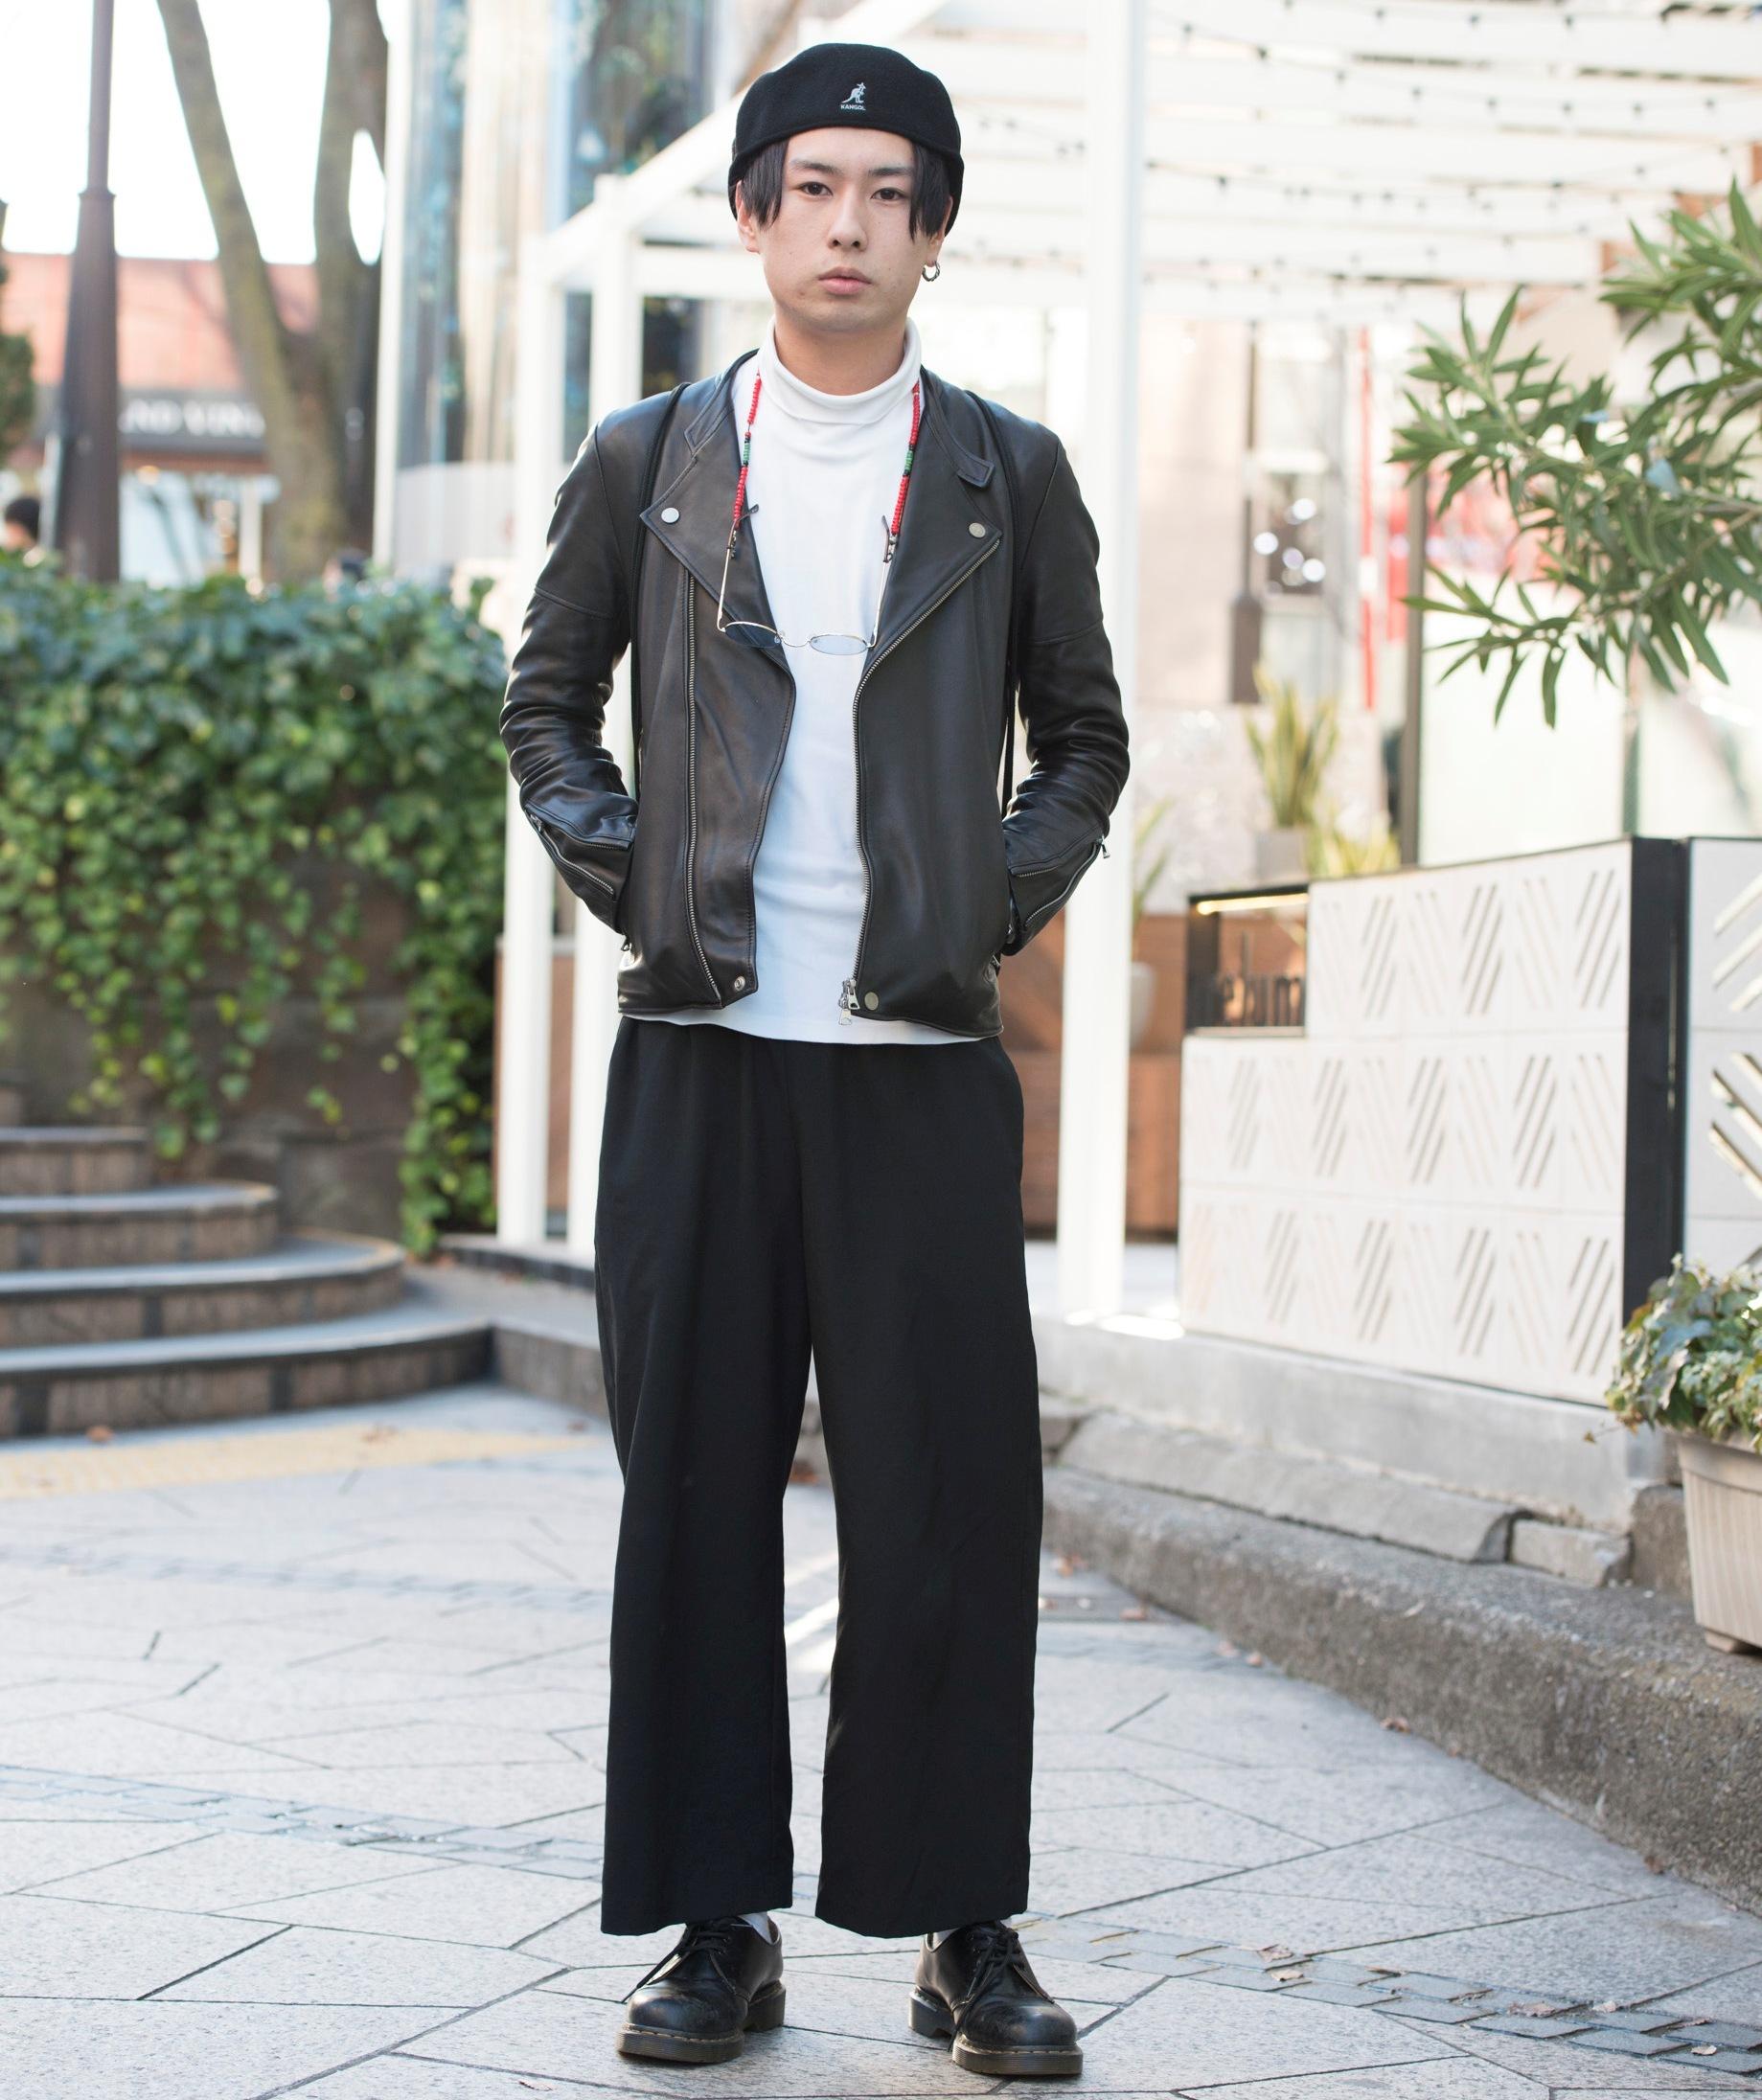 【SNAP JACK】高難度シルエットをなじませる<br />坂本広志くん・大学生